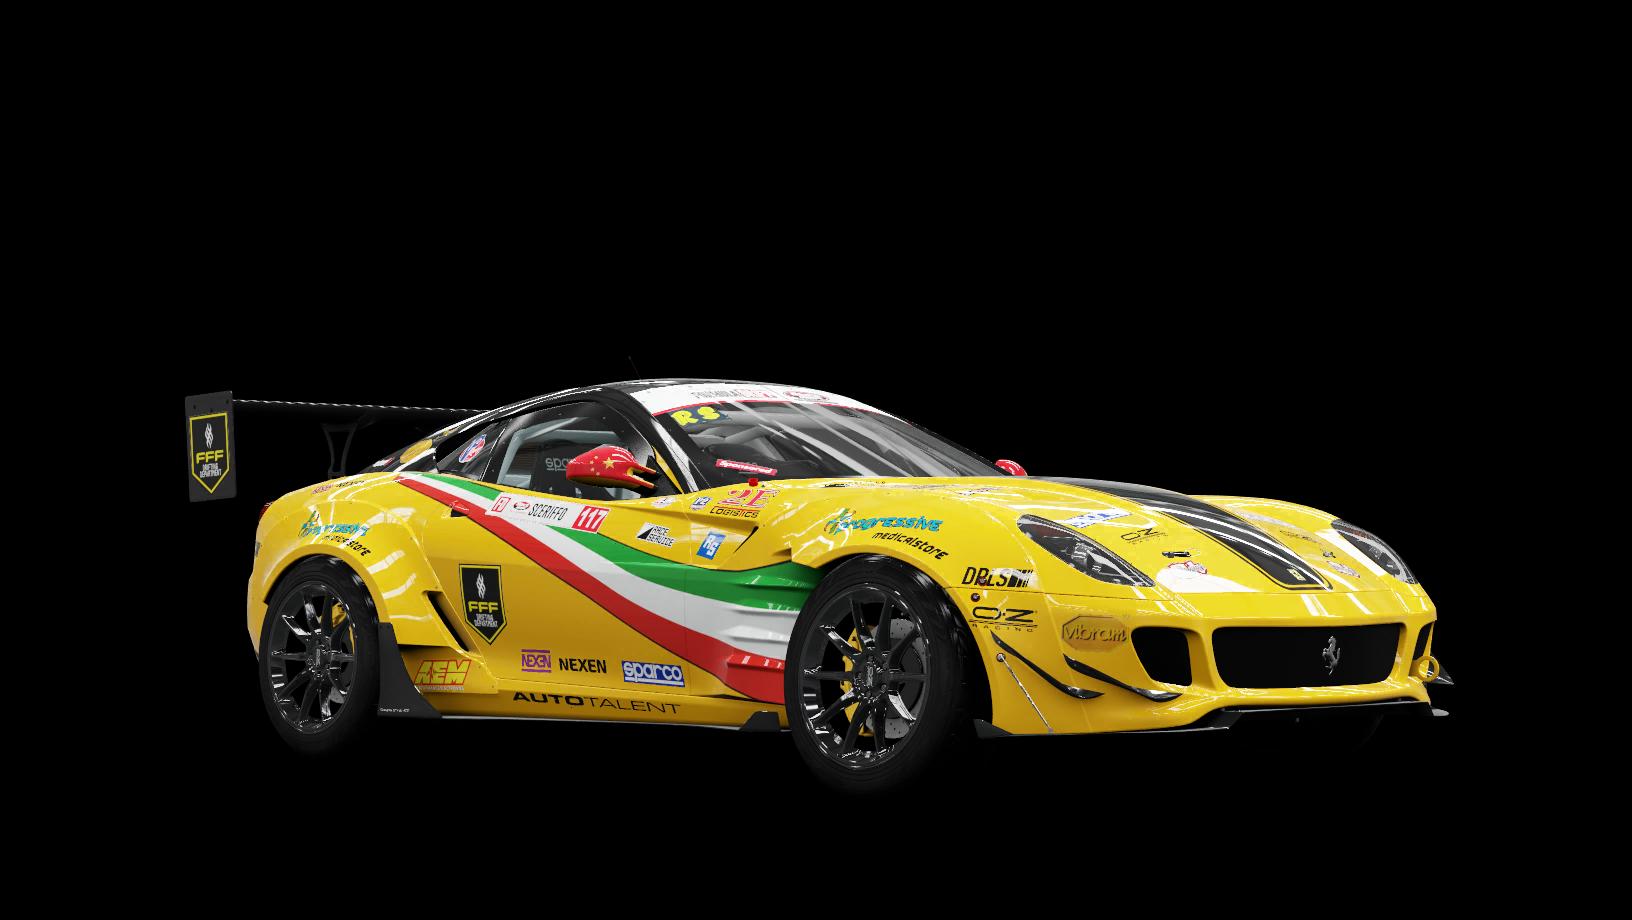 Formula Drift 117 599 Gtb Fiorano Forza Wiki Fandom